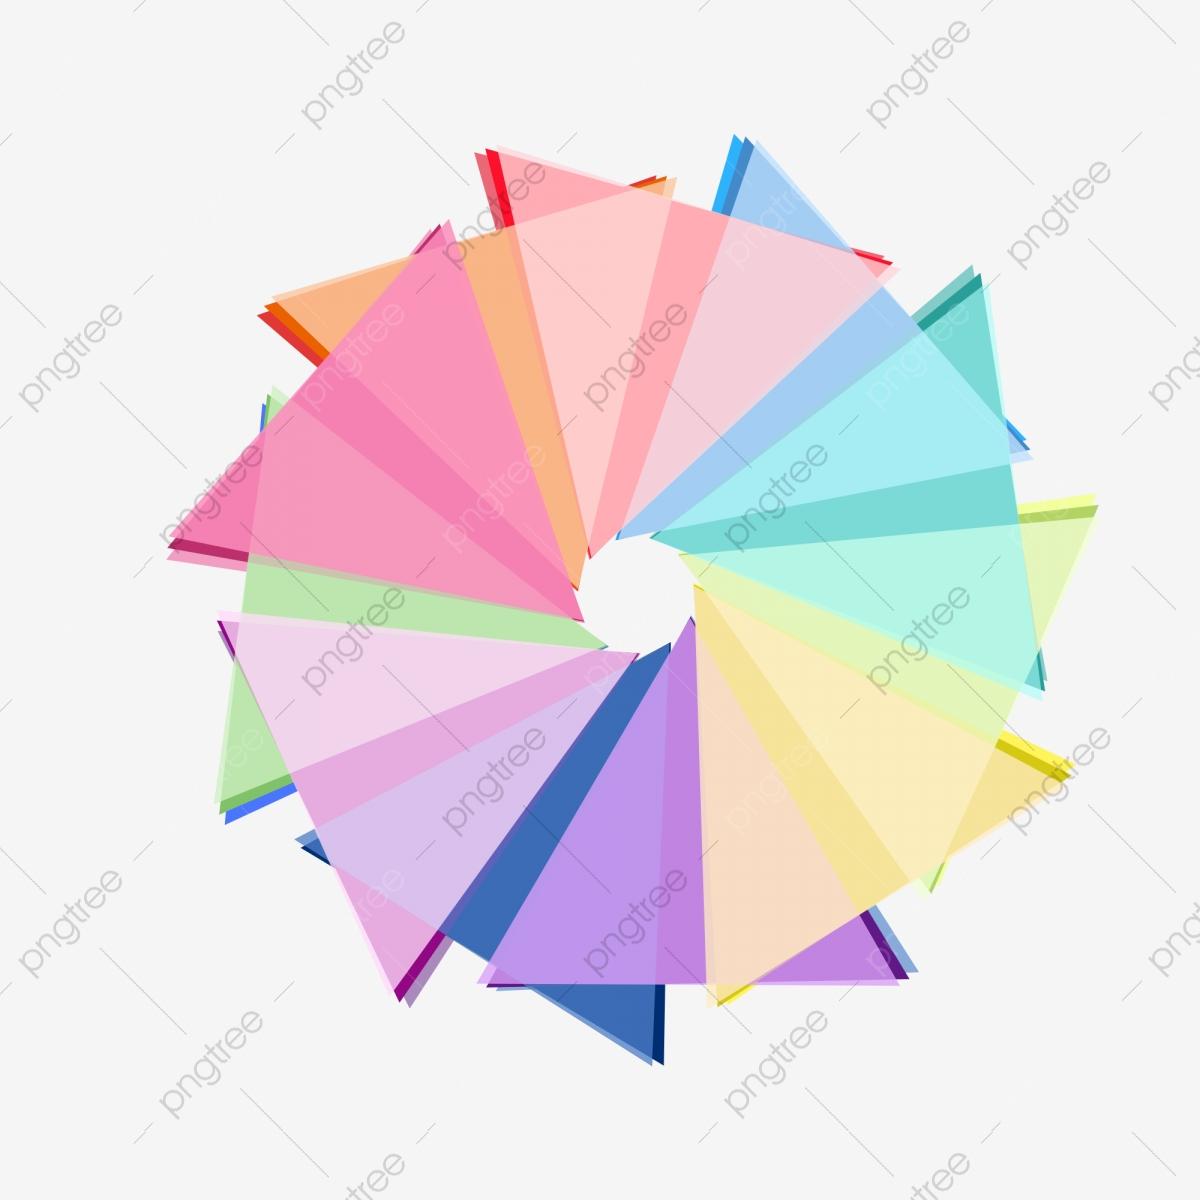 Tangram Enfant Jouet Couleur, La Géométrie, Rendu, Puzzle destiné Tangram Enfant